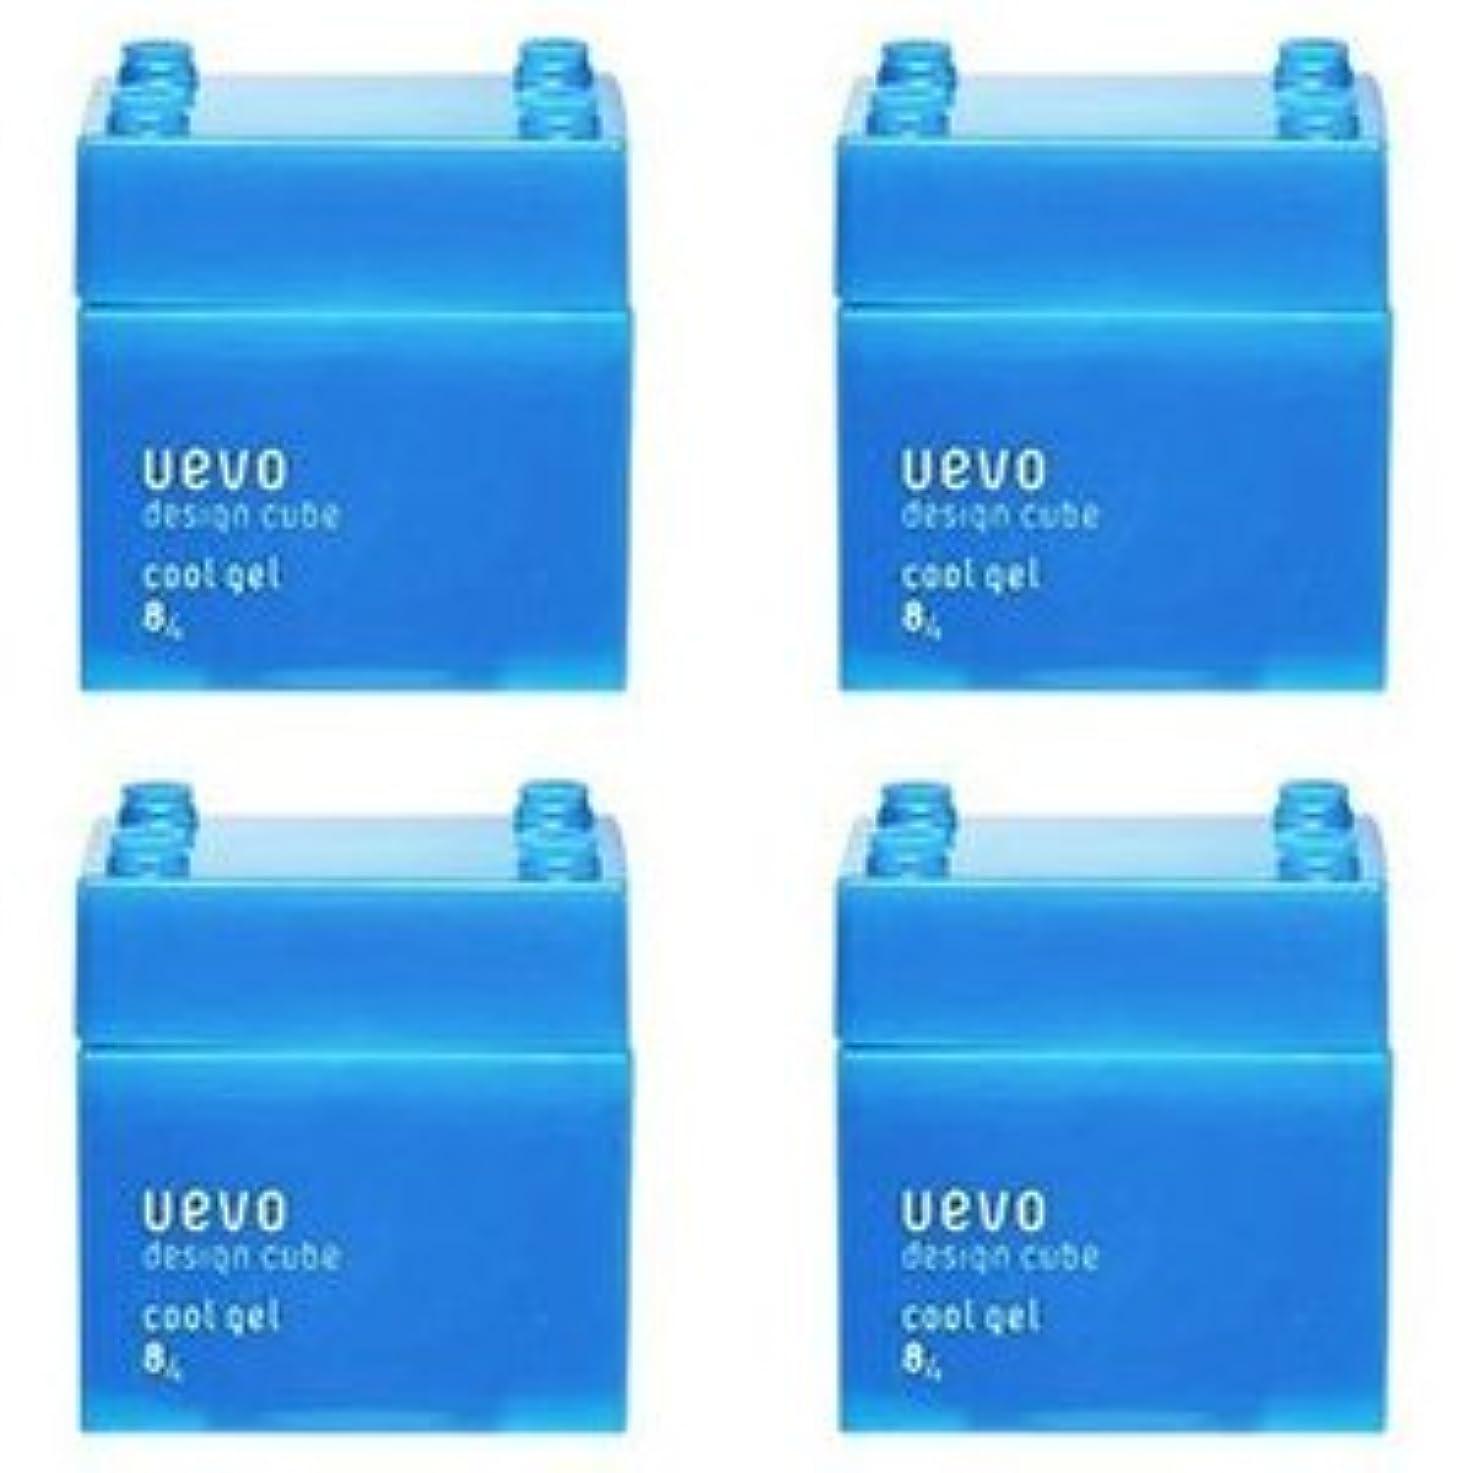 楽な苛性満足できる【X4個セット】 デミ ウェーボ デザインキューブ クールジェル 80g cool gel DEMI uevo design cube